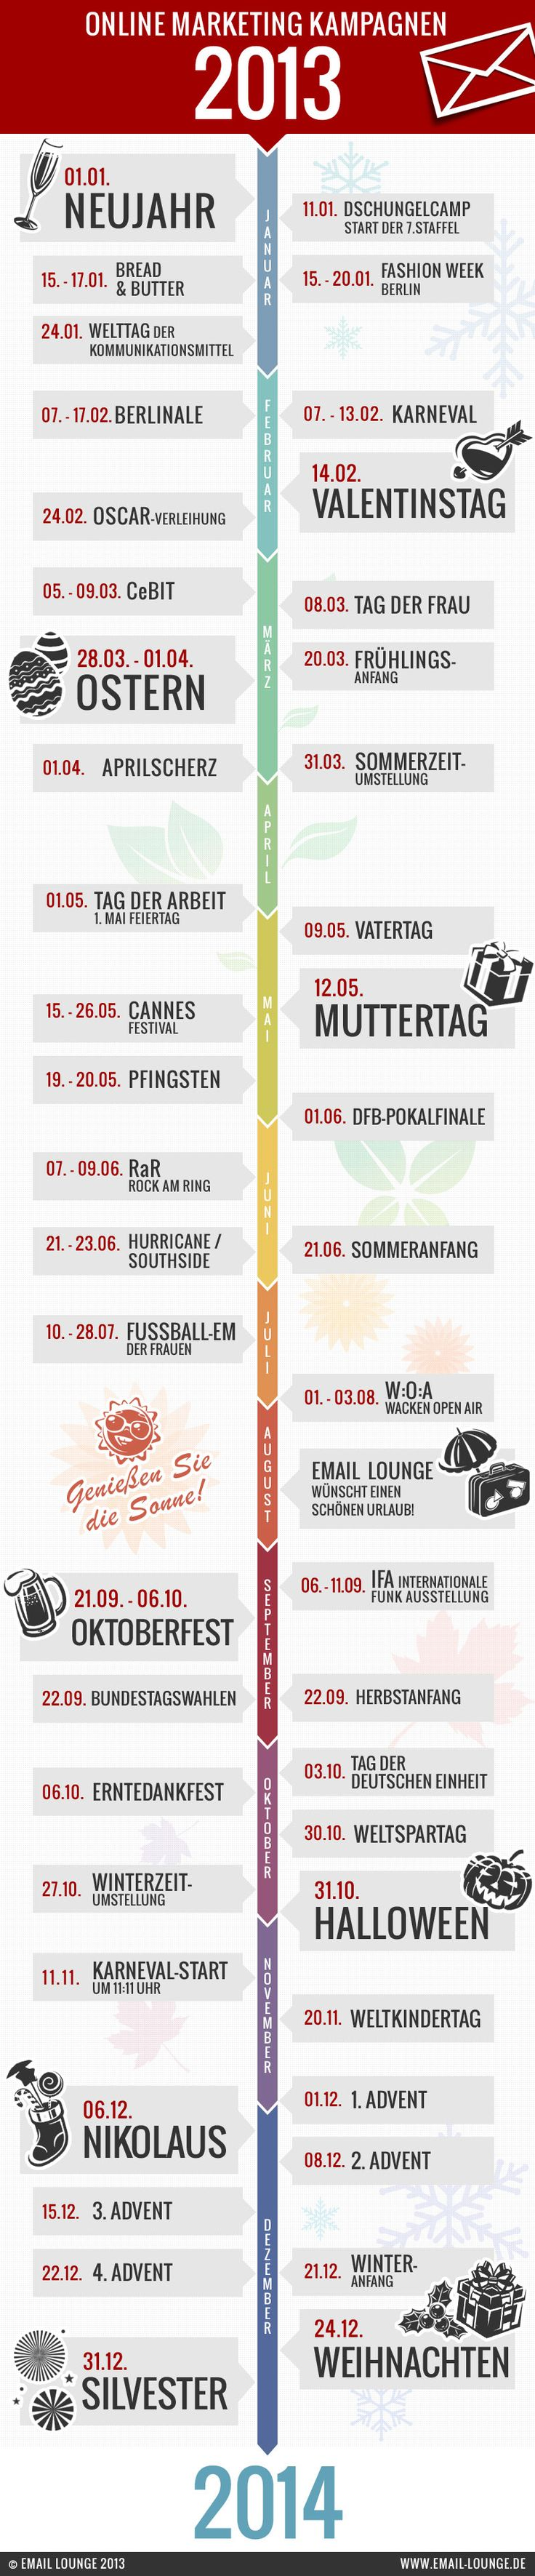 Perfekt für den Social Media Manager: Eine Infographik mit allen Anlässe des Jahres. Jetzt schon Postings vorschedulen!